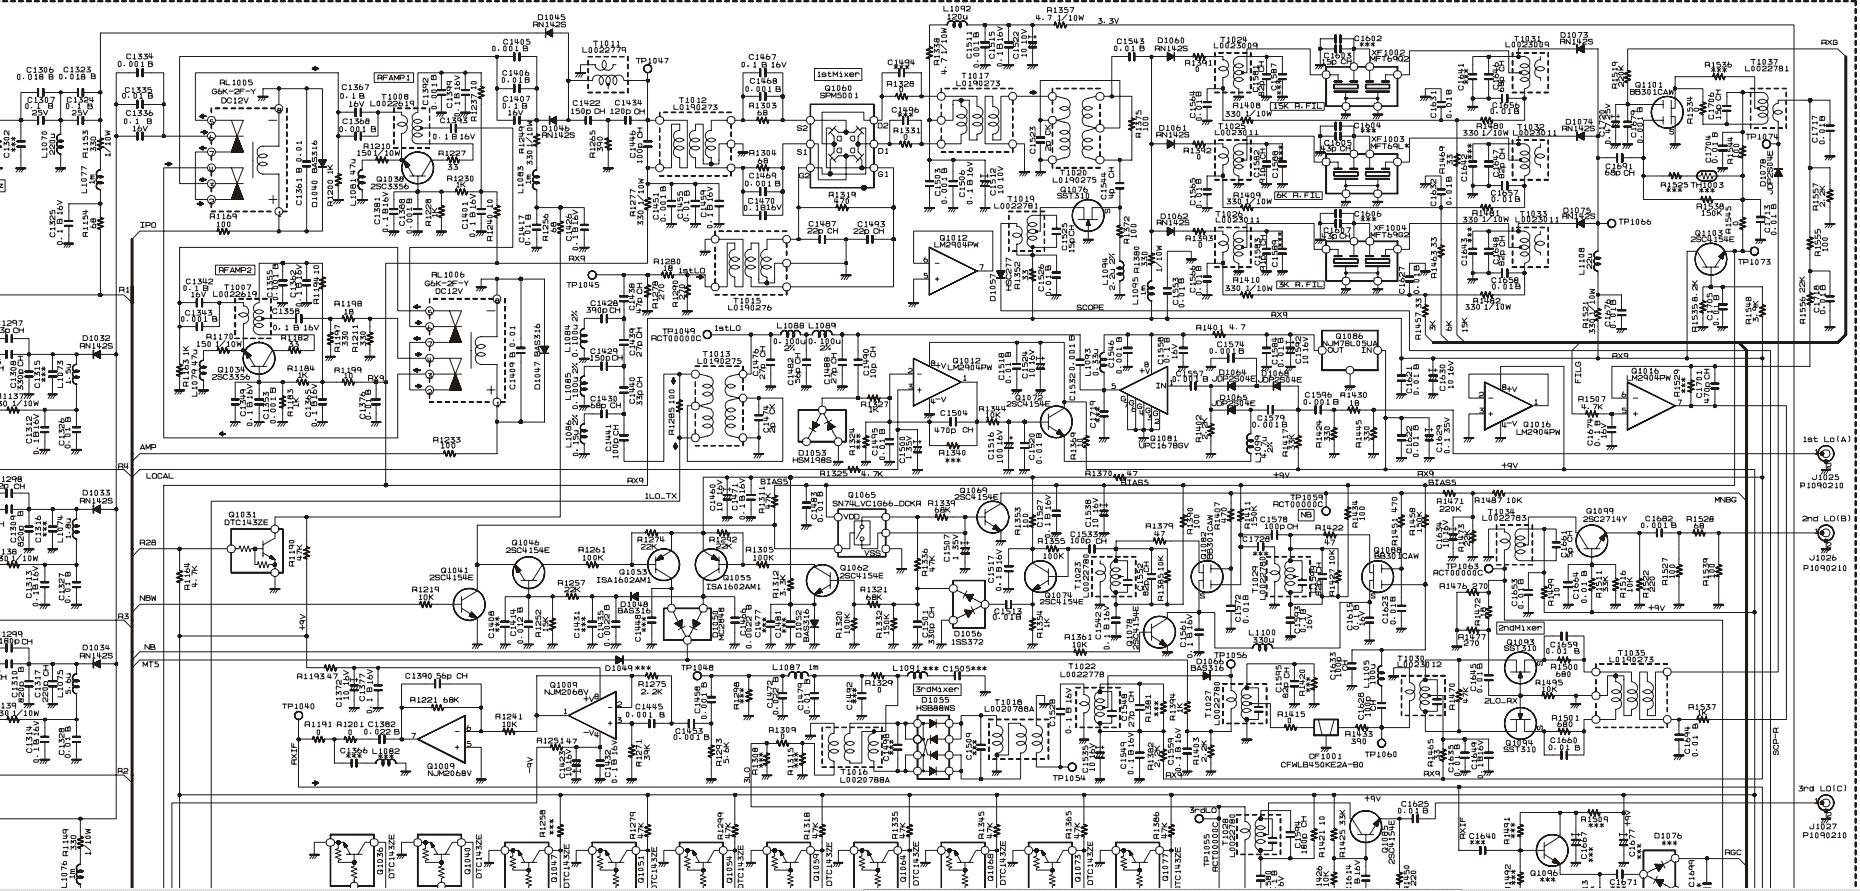 Схема электрическая скат 1200 фото 823